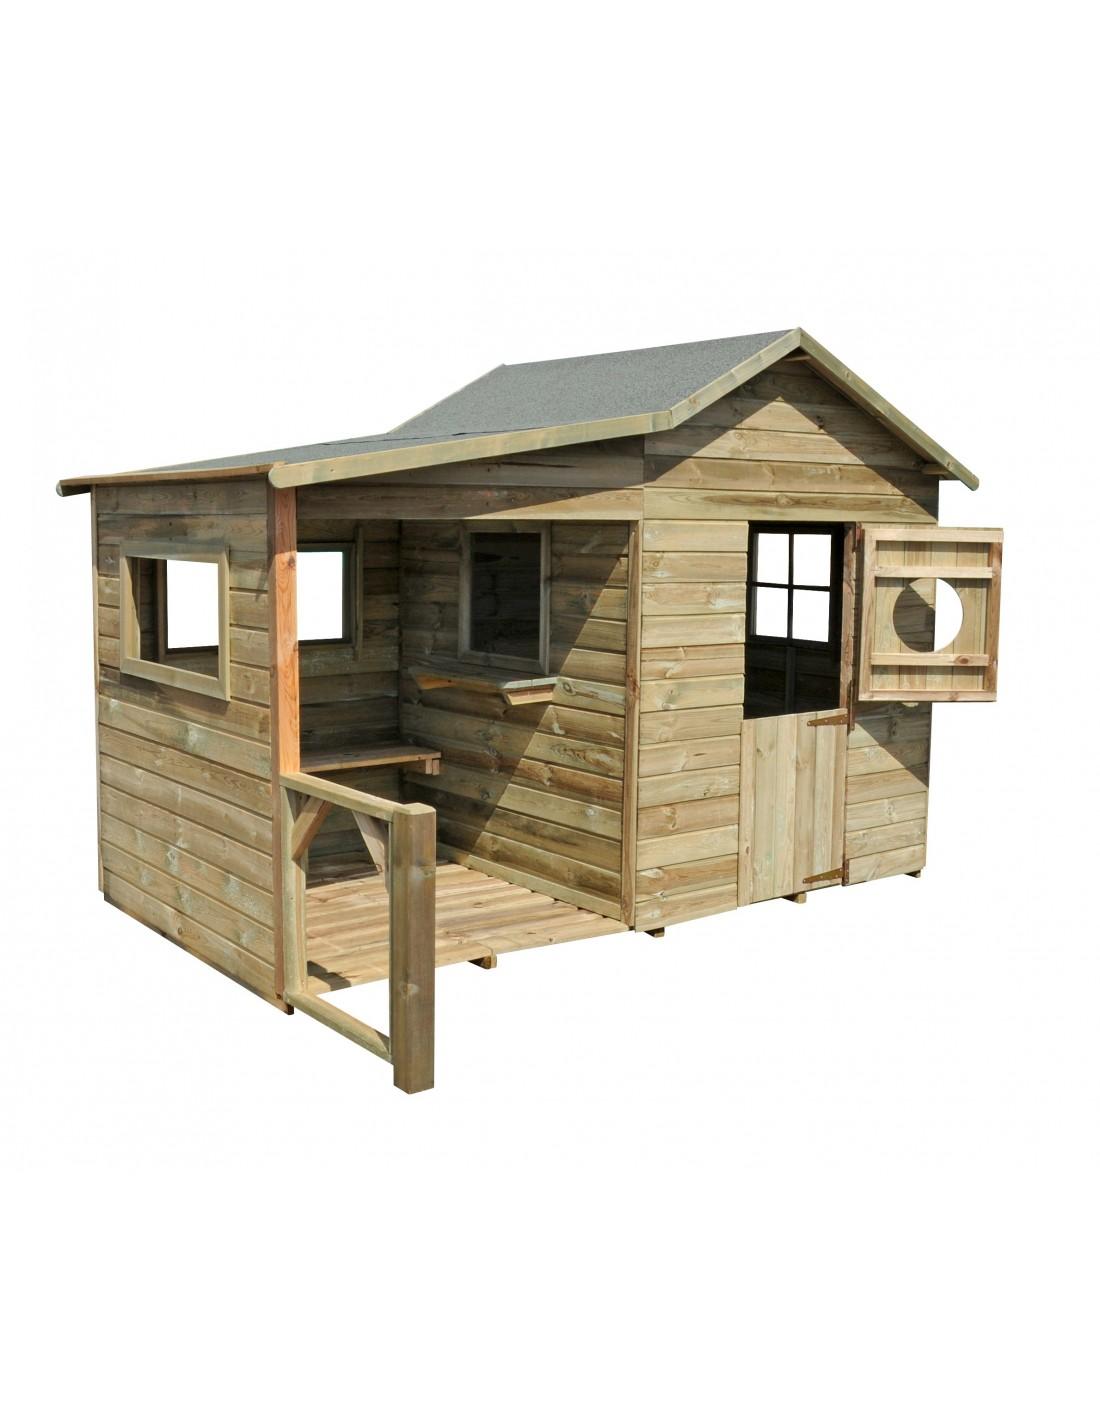 maisonnette hacienda en bois pour enfants plancher trait inclus. Black Bedroom Furniture Sets. Home Design Ideas